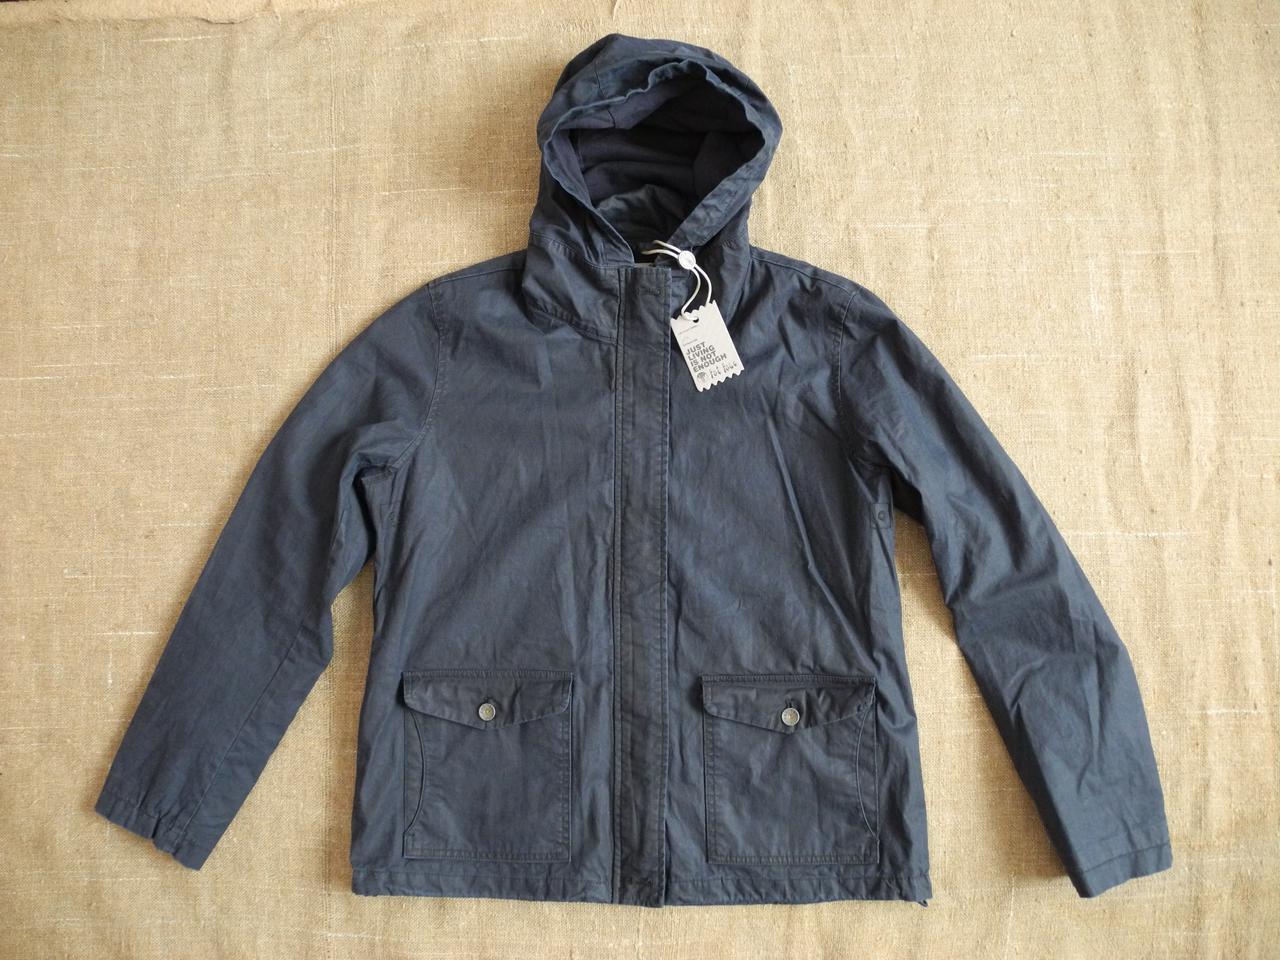 4dbb994cb6a Куртка Fat Face Р. M ( НОВОЕ ) Англия — в Категории